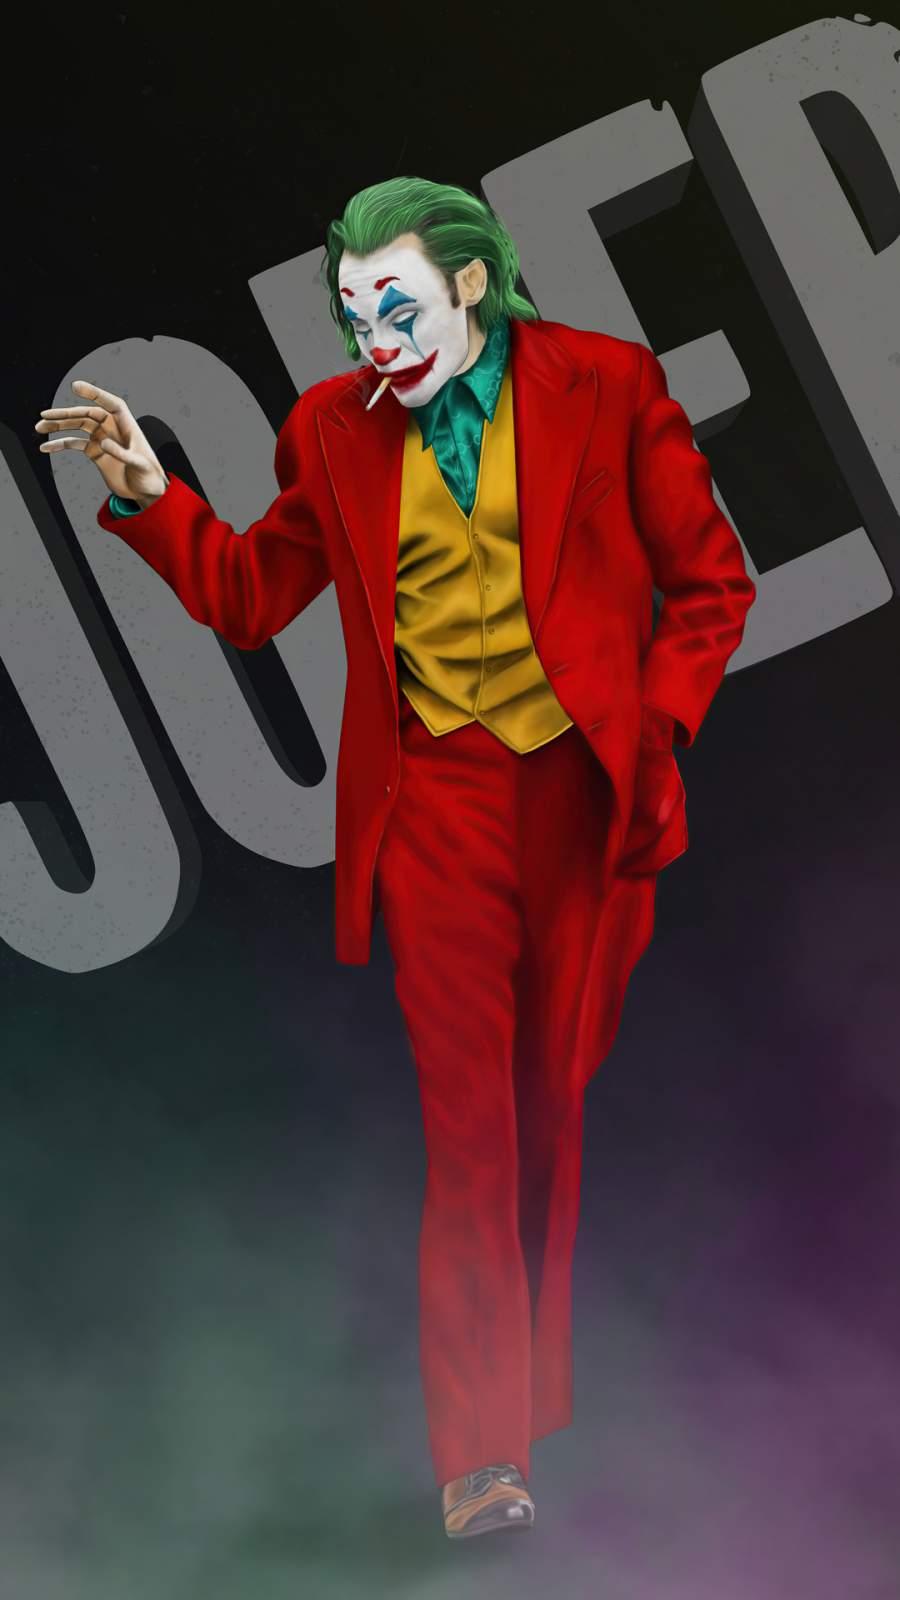 Joker Bad Guy